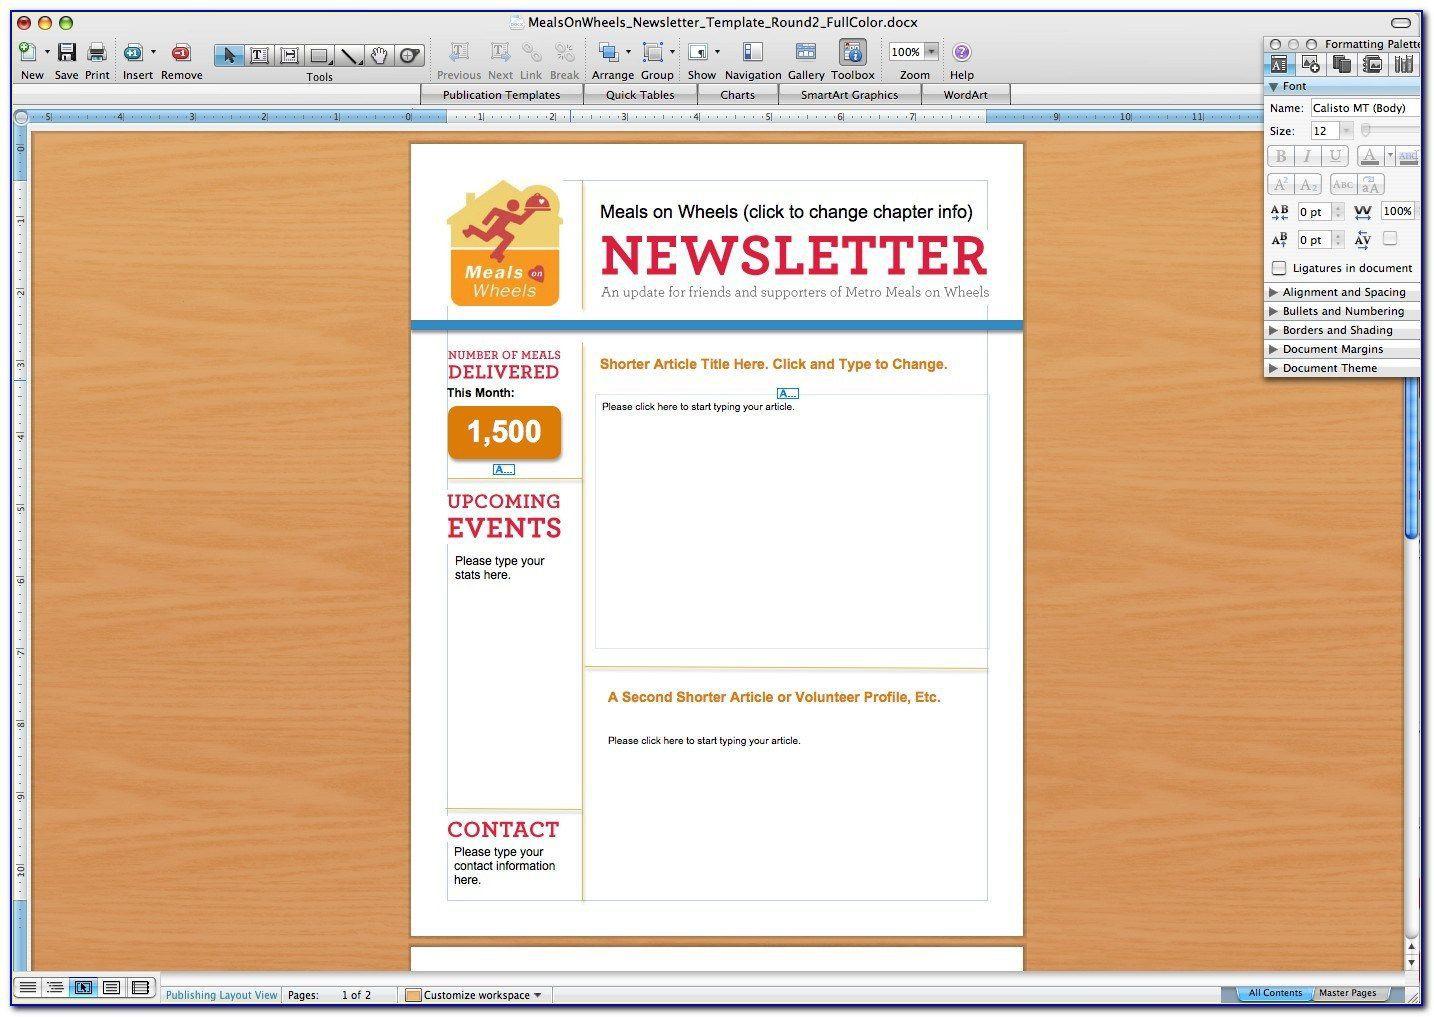 008 Singular Free Newsletter Template For Word 2010 Design Full